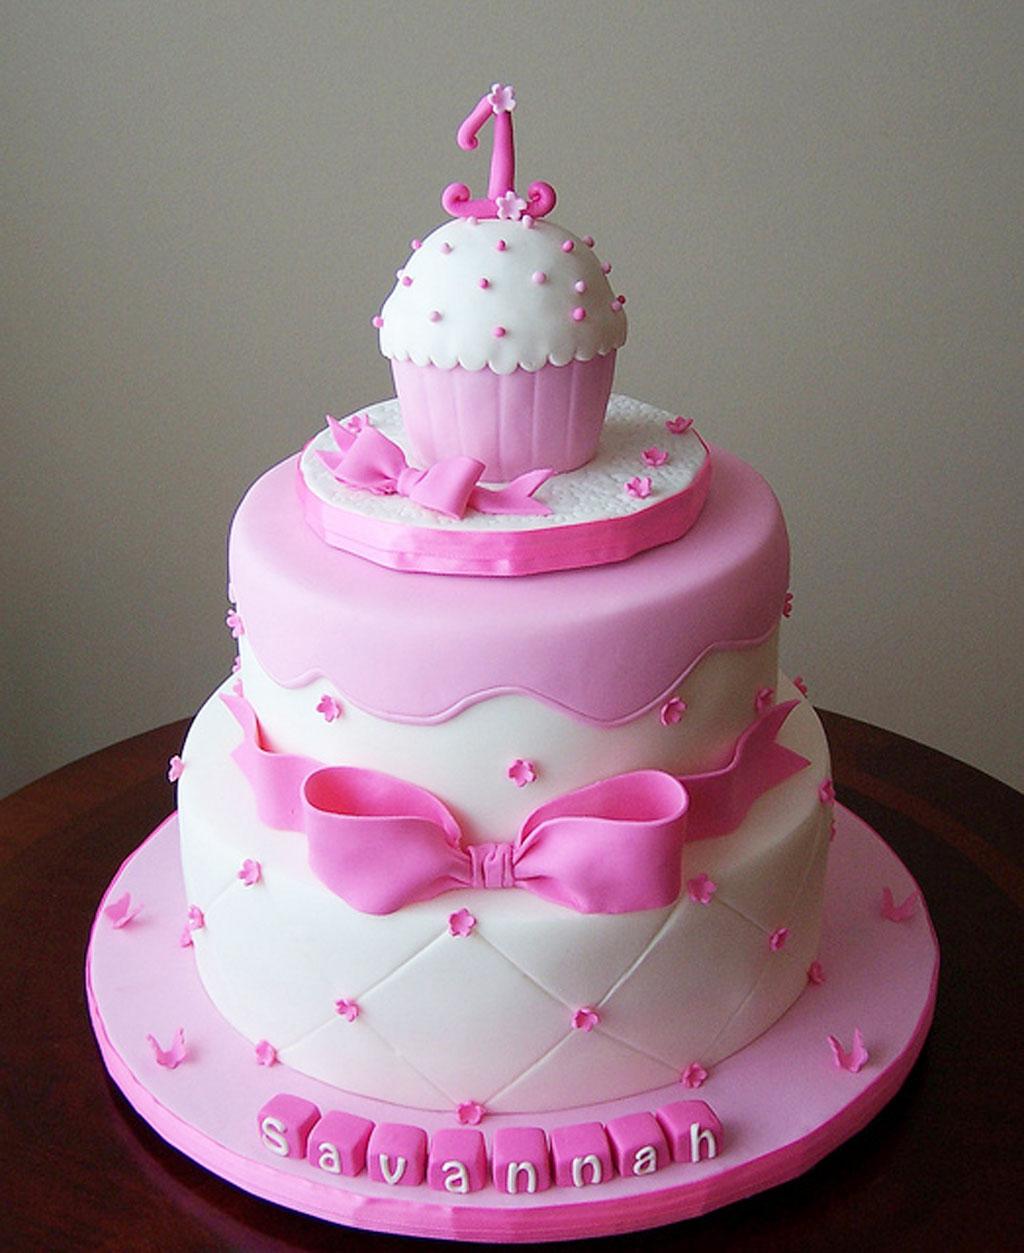 Girls 1st Birthday Cakes Birthday Cake